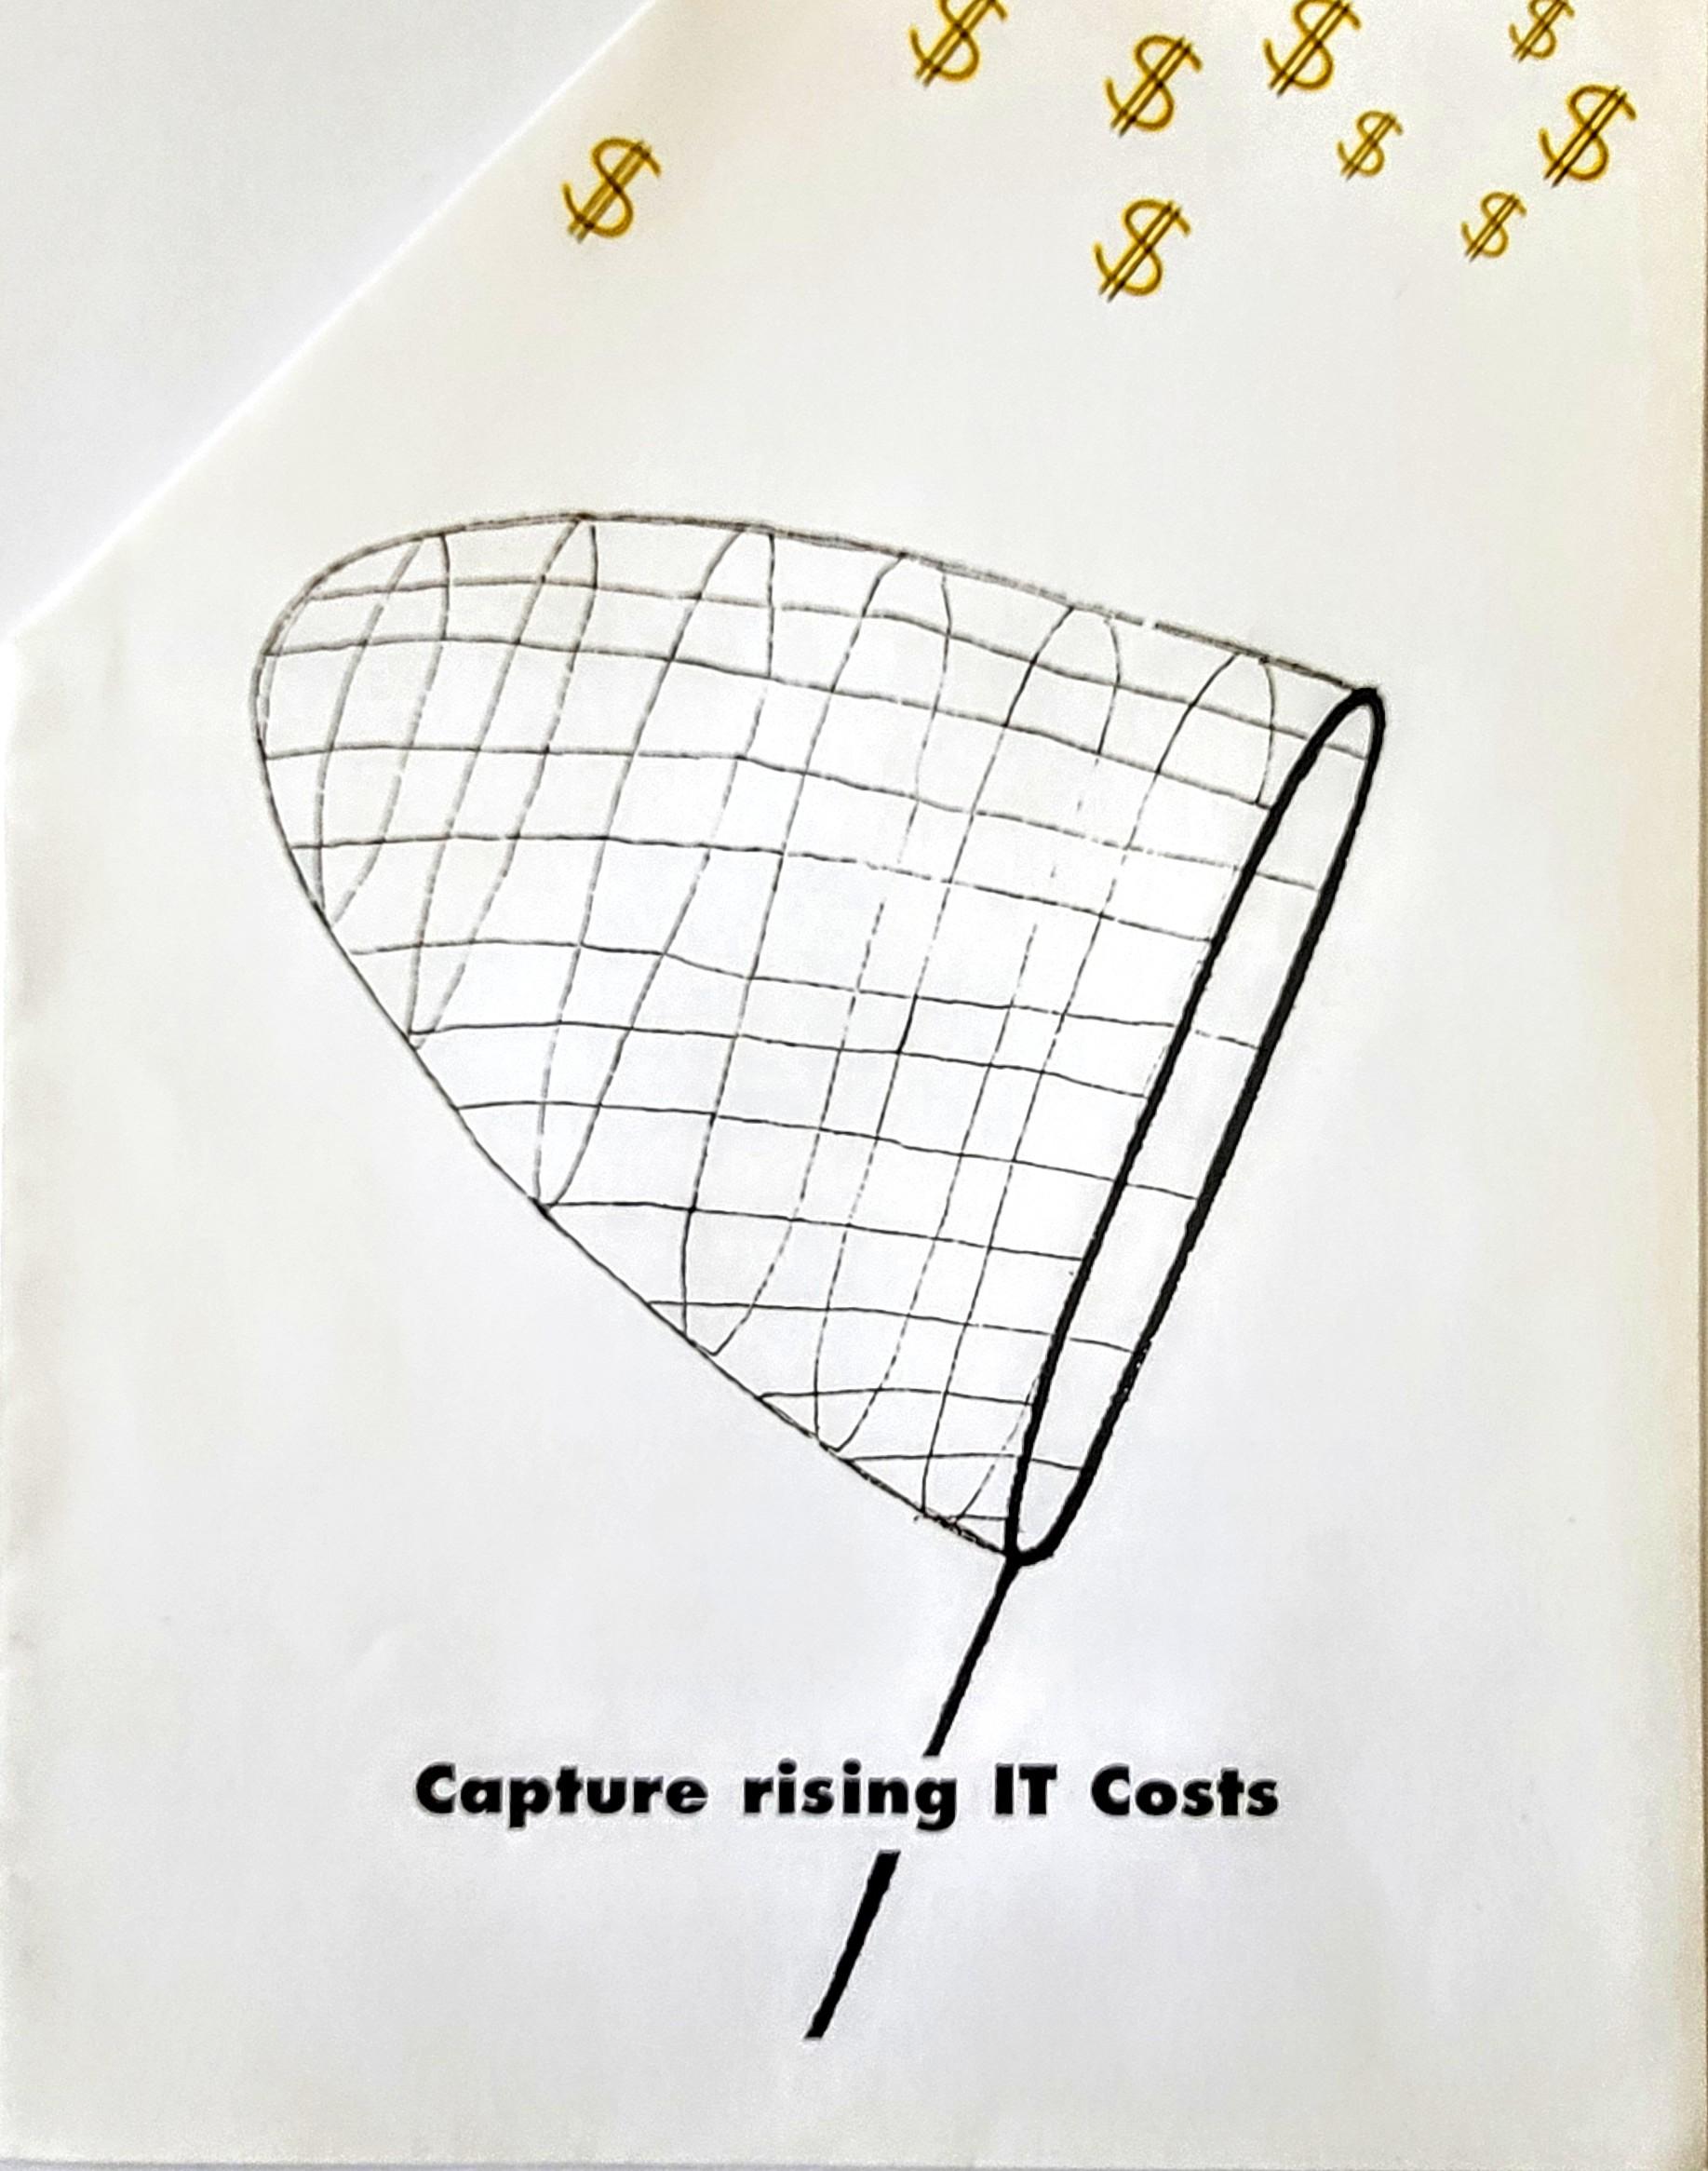 intellisource_capture_brochure_2